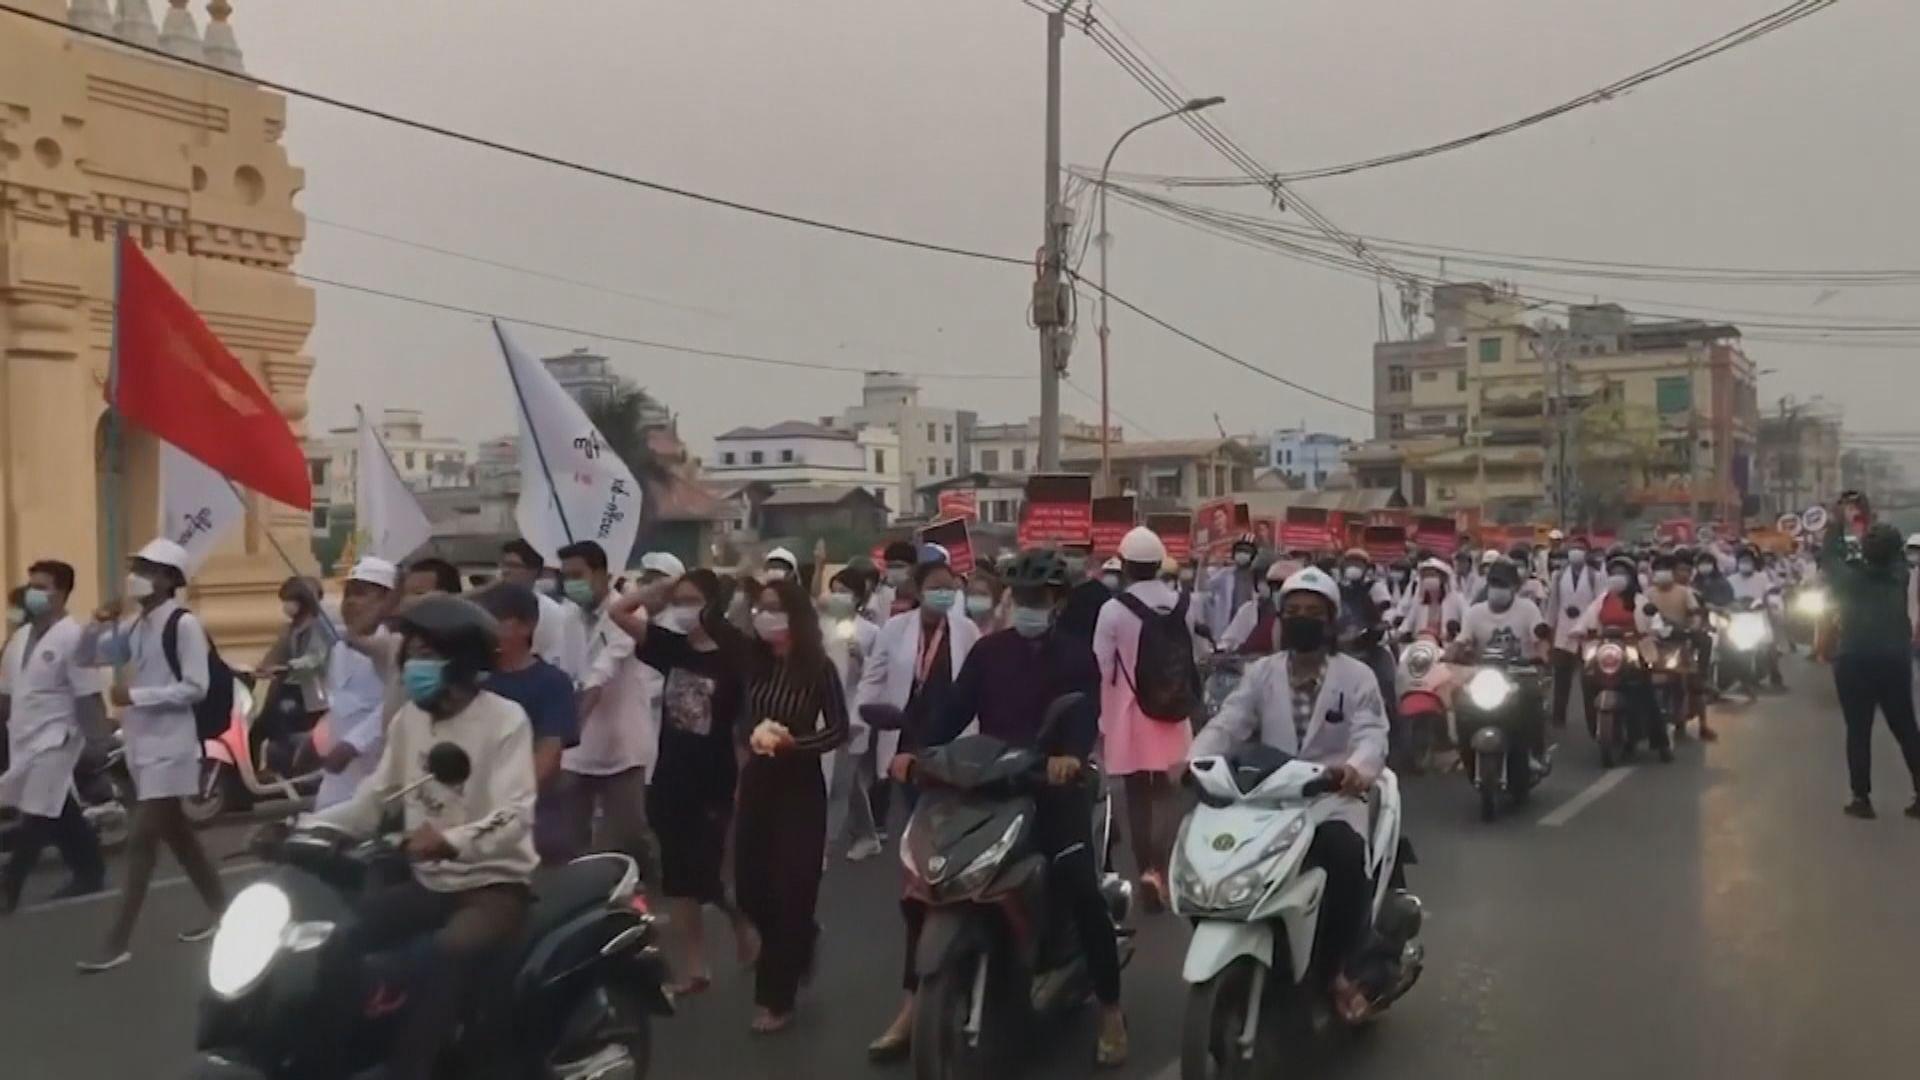 據報美國財政部會制裁兩間緬甸軍方控制企業集團